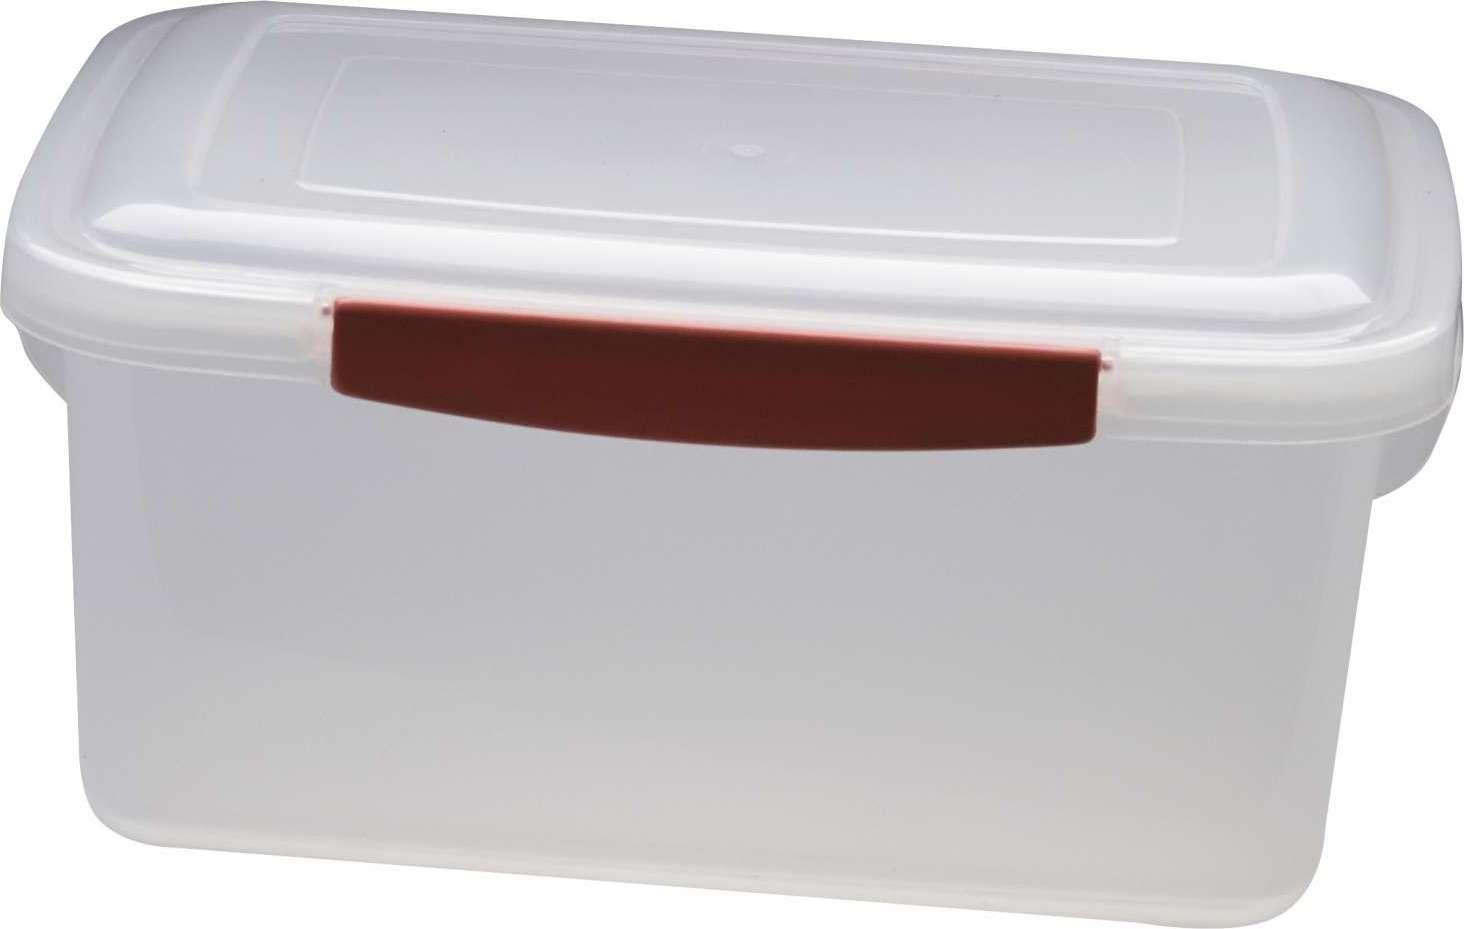 Контейнер 250х160х220 мм прямоугольный — купить в КленМаркет.ру, цена контейнер 250х160х220 мм прямоугольный в интернет-магазине в Москвеorderreadydesigningdesign1Page 1GroupGroupБезымянный-1GroupGroupPage 1Group